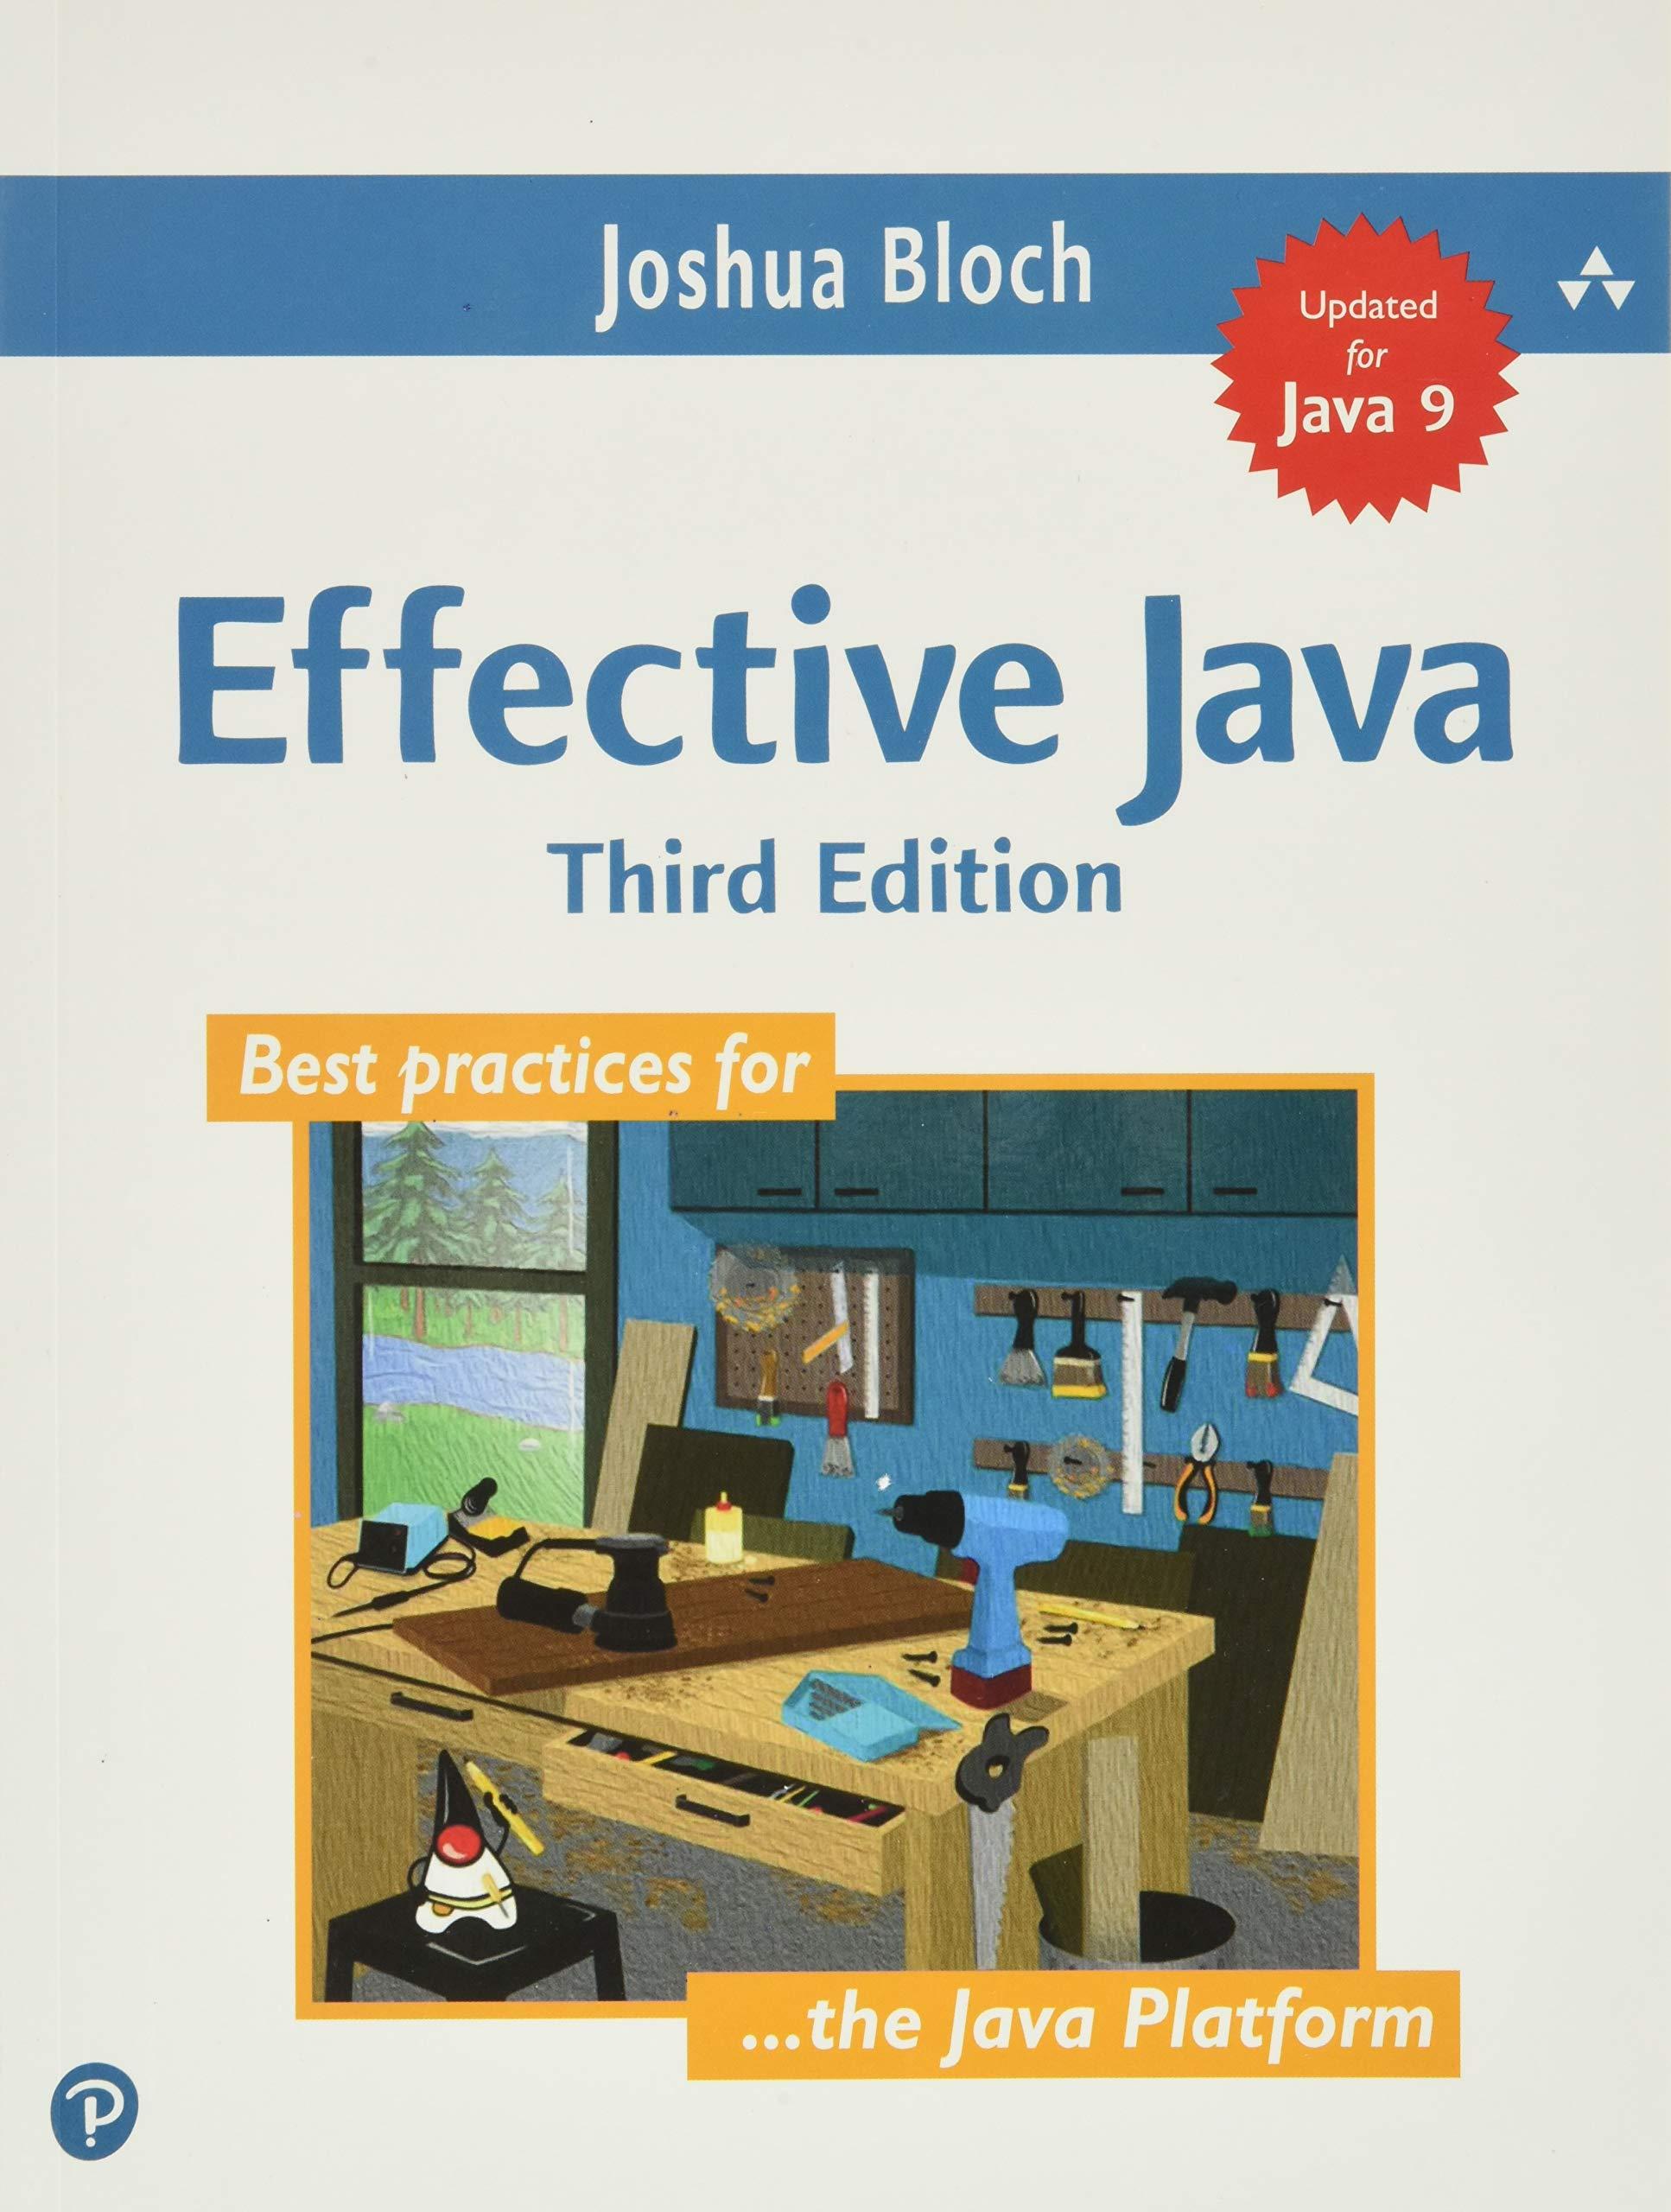 Effective Java book